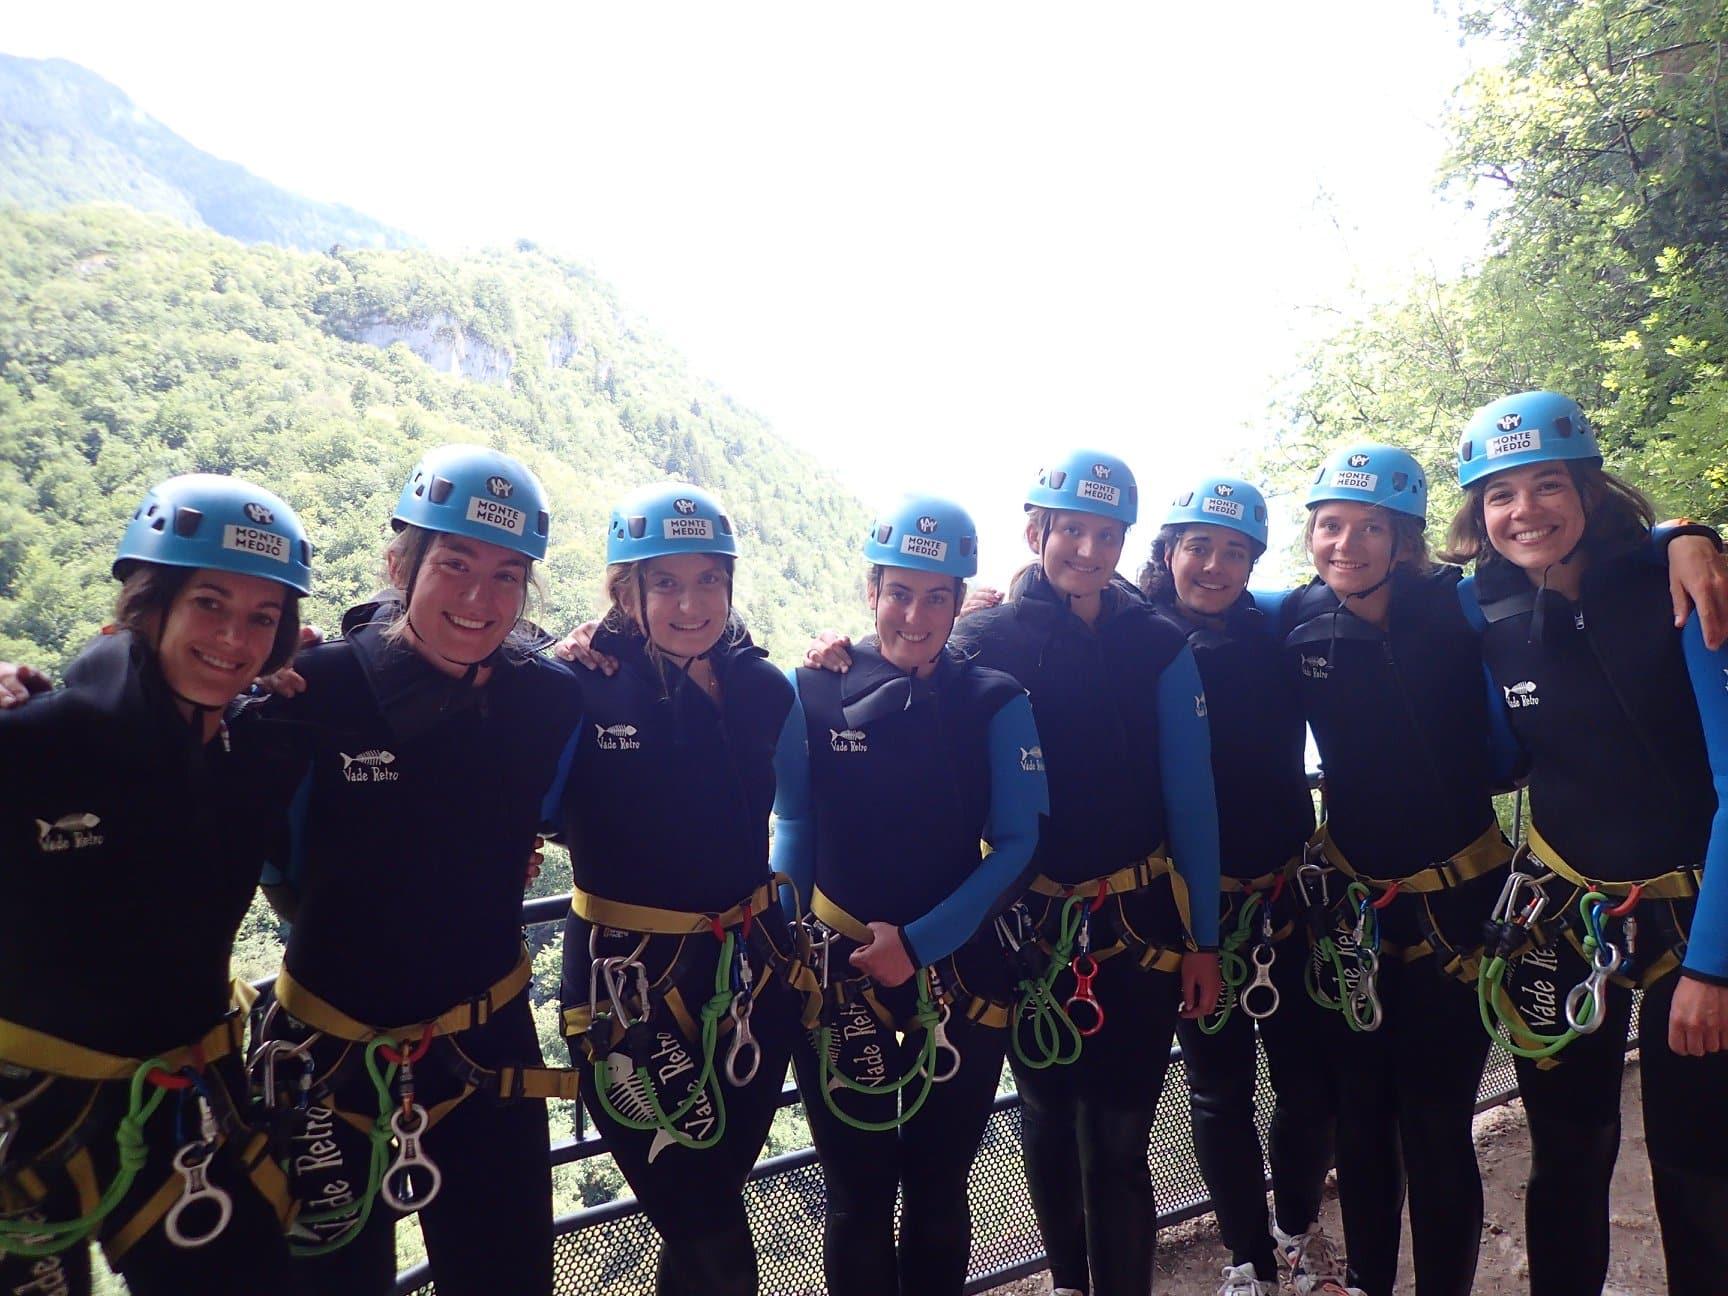 Les filles se lancent dans le canyon d'Angon en partant de la passerelle